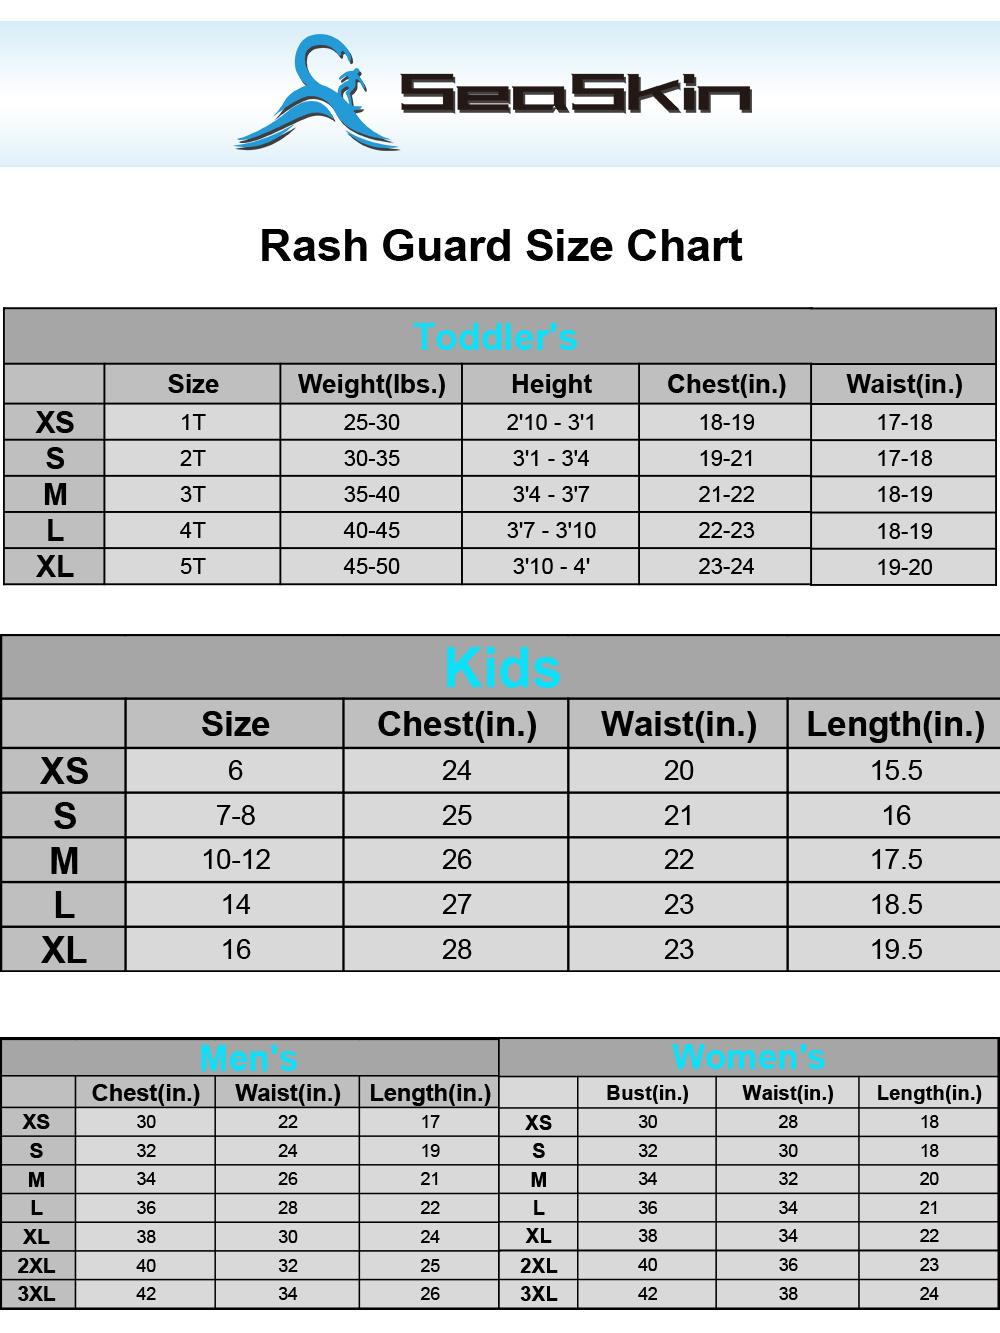 Seaskin Rashguard Size Chart